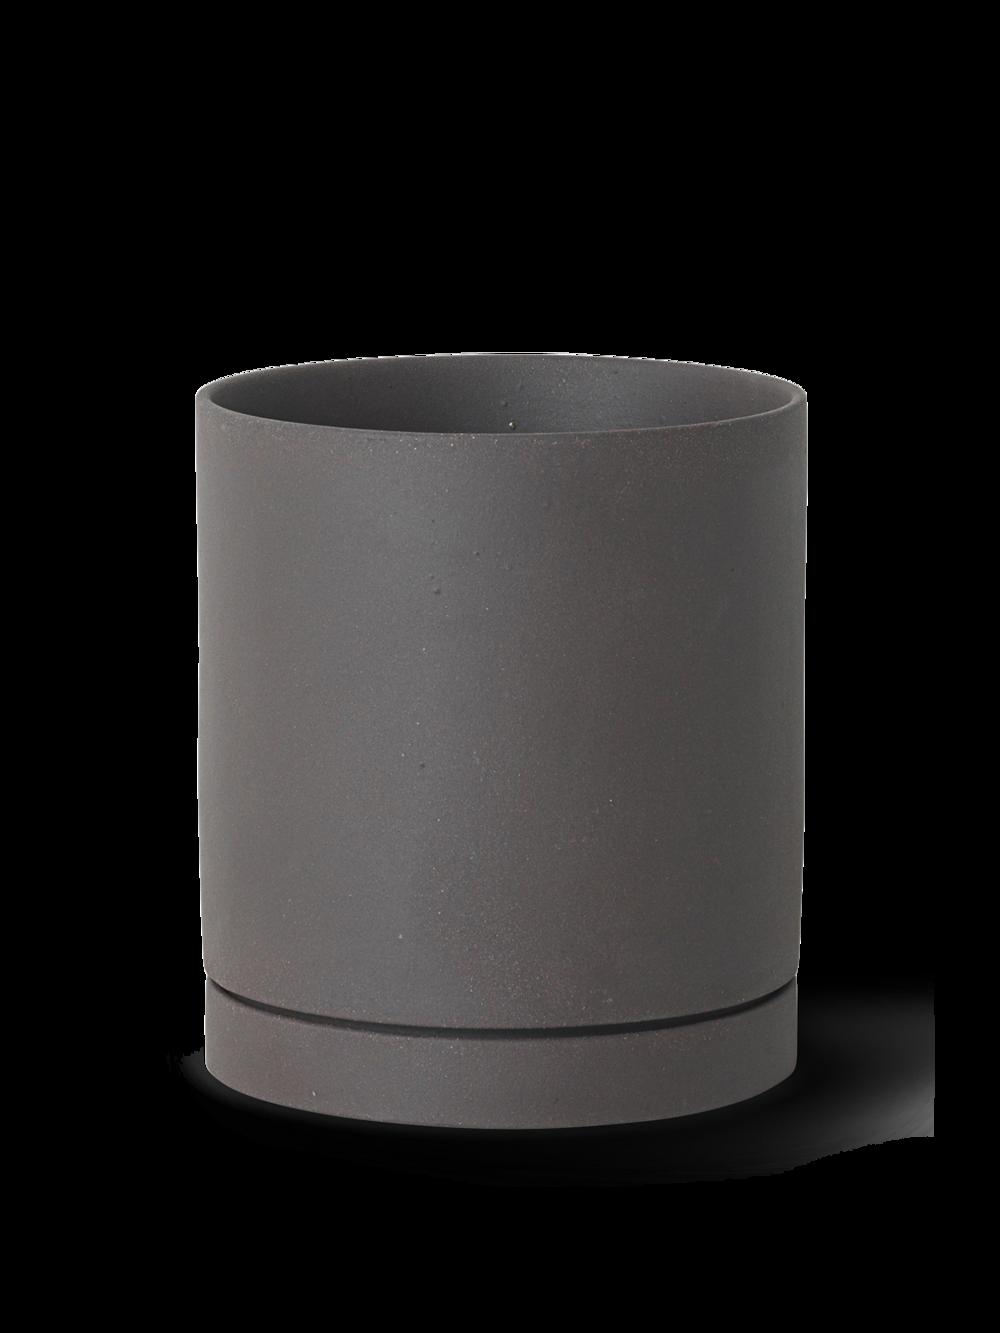 Sekki Pot - Charcoal Large